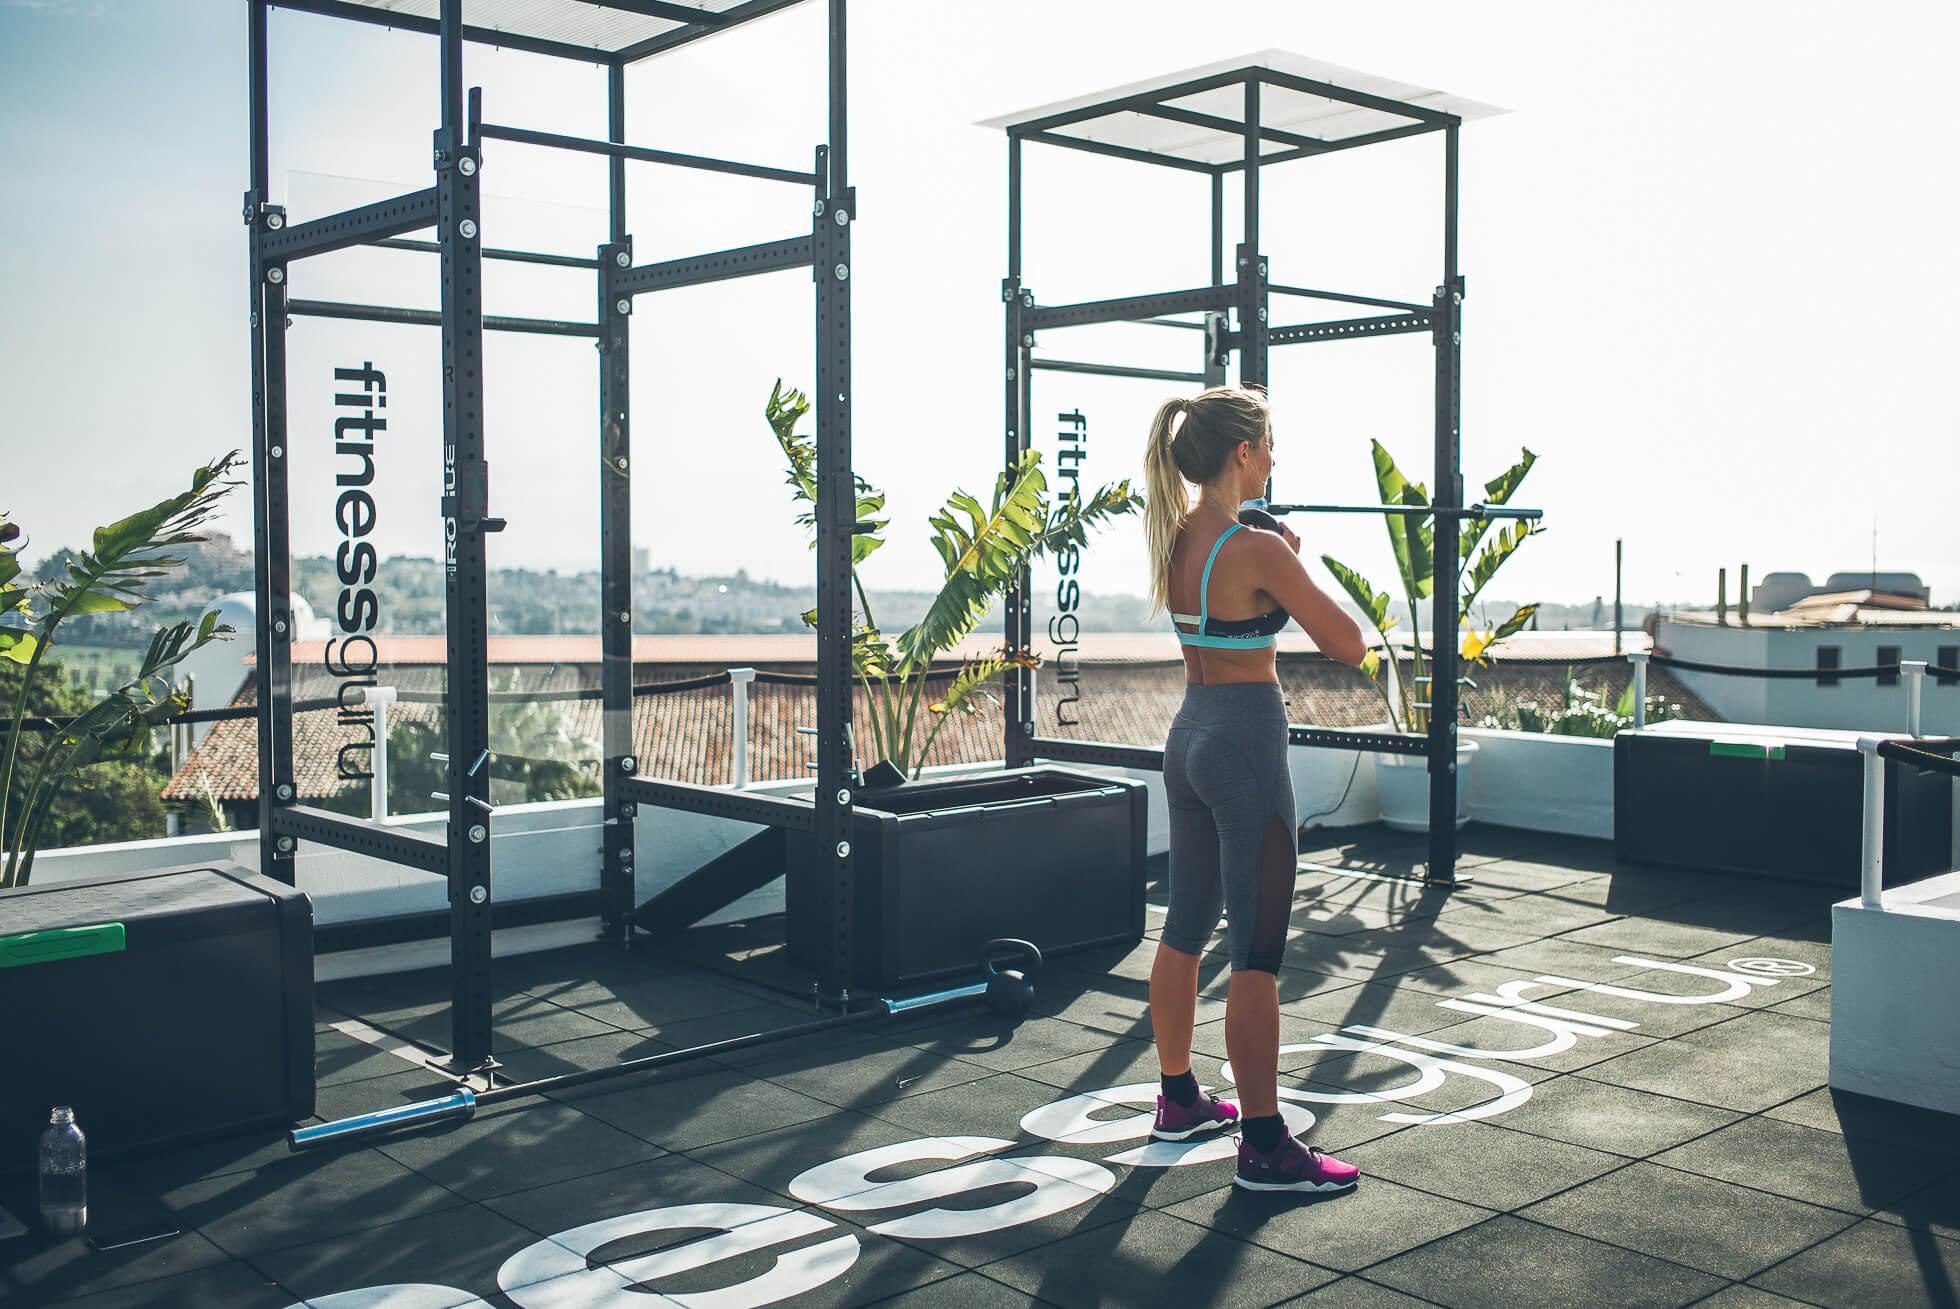 janni-deler-rooftop-workoutL1009039